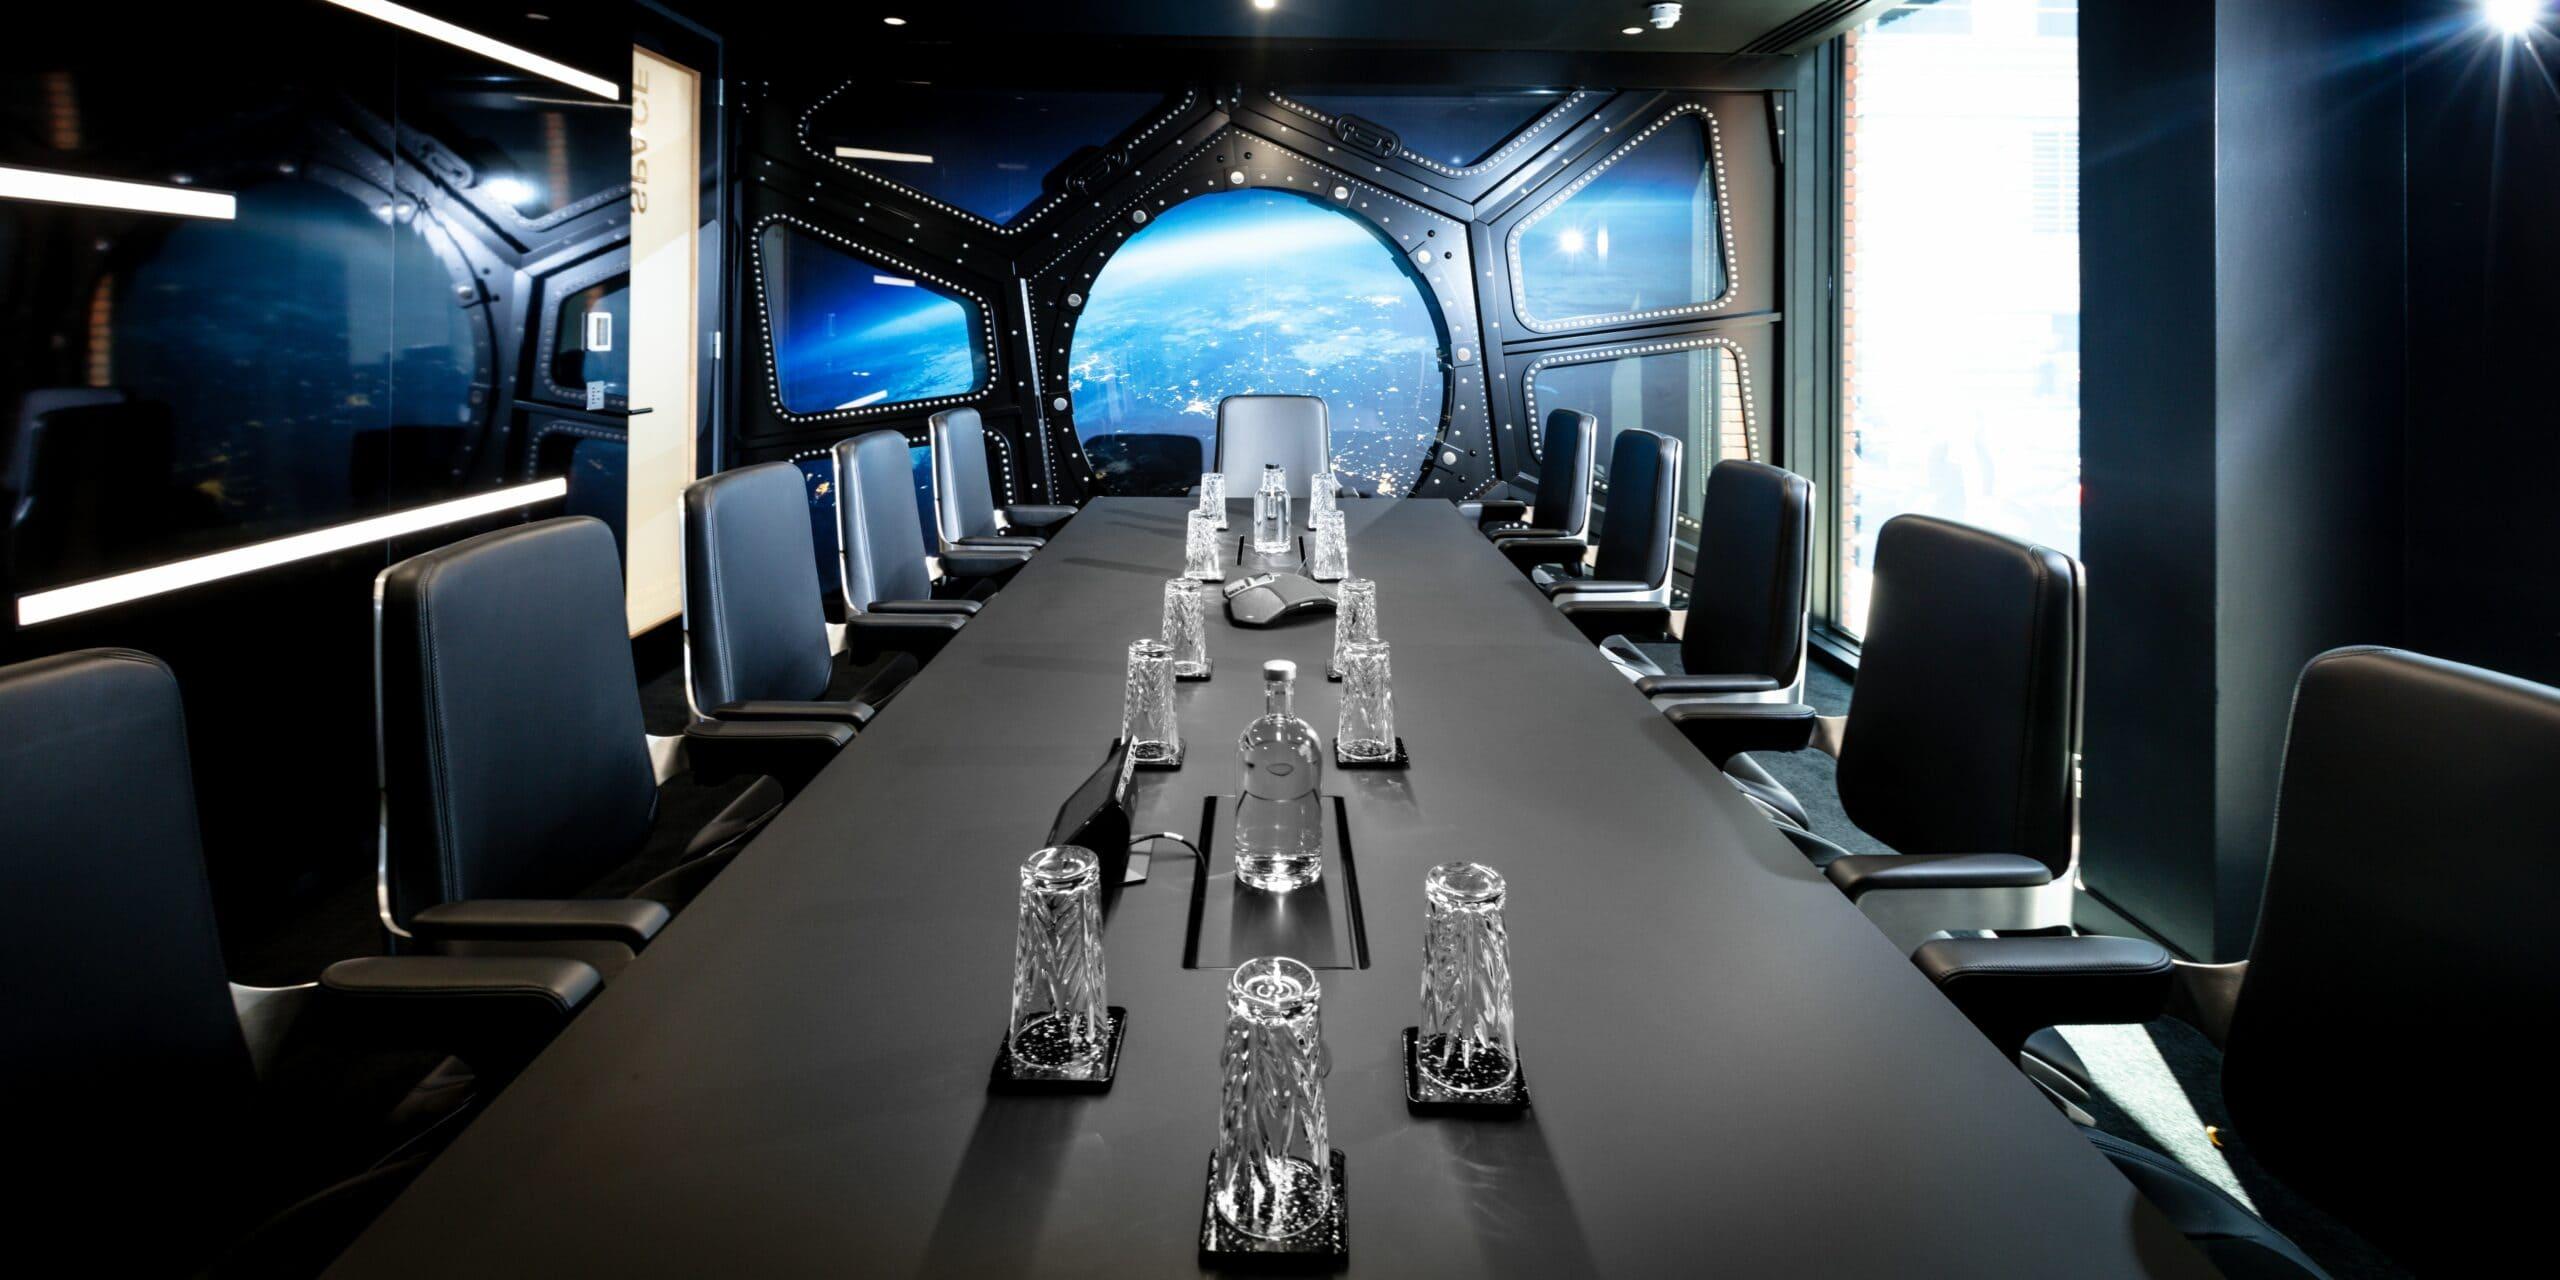 Unique Meeting Rooms